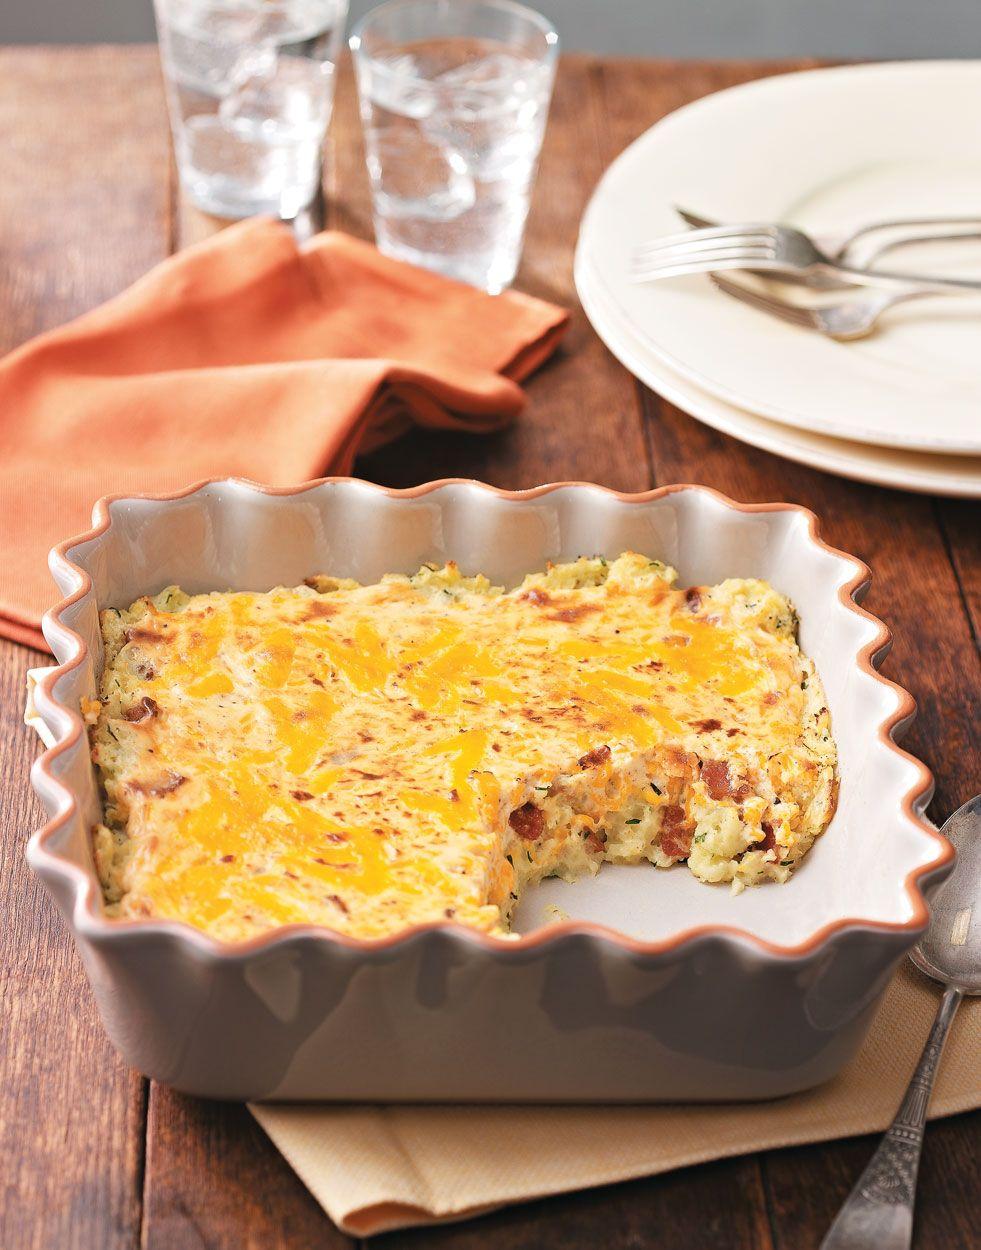 Mashed Potato Casserole Recipe In 2020 Potato Casserole Flavorful Recipes Mashed Potato Casserole